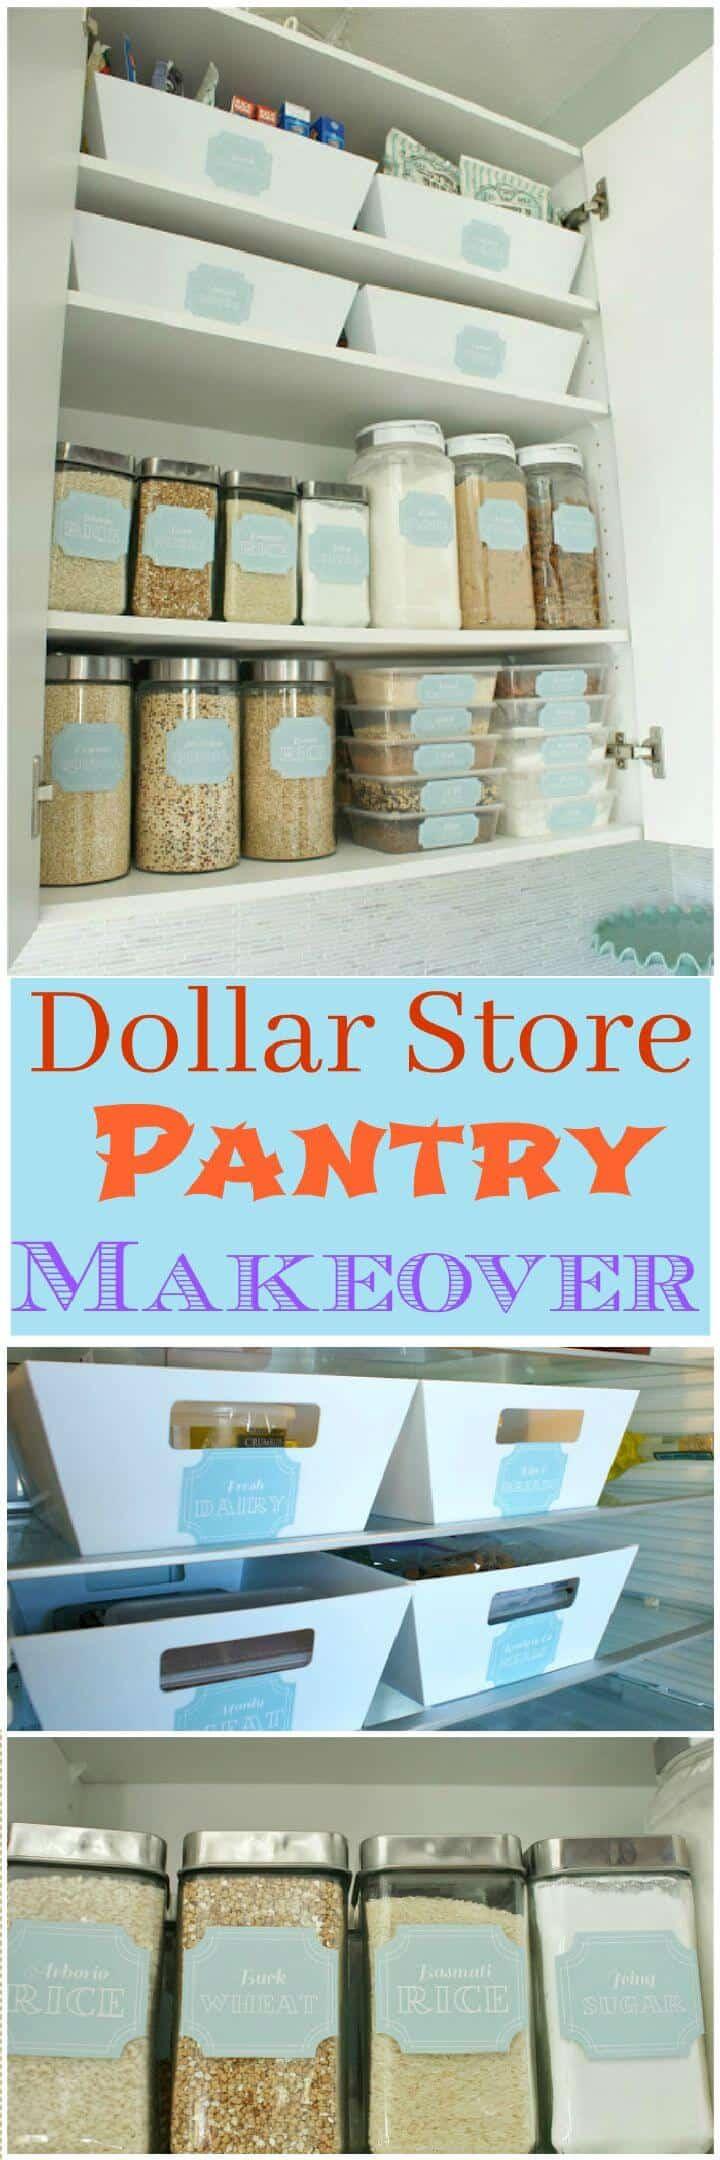 Cambio de imagen de la despensa de la tienda Dollar